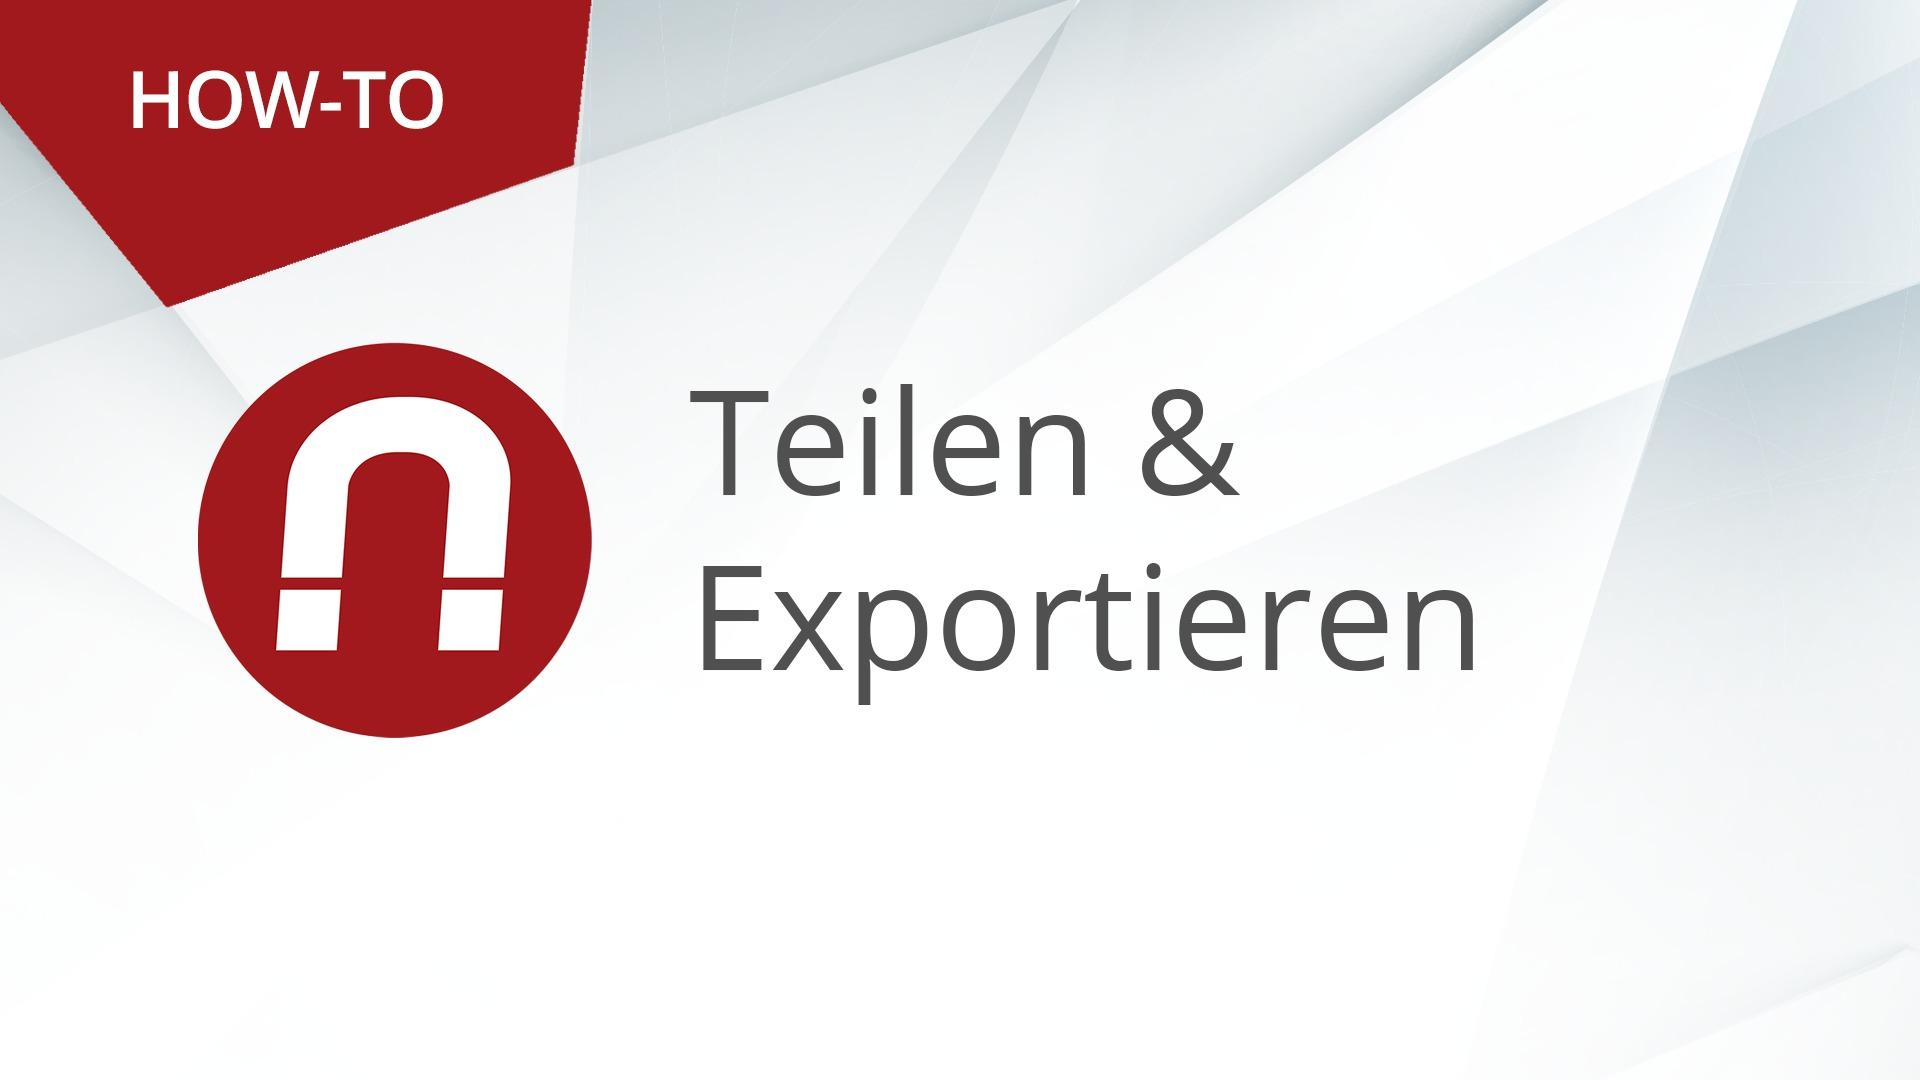 How-To: AMAGNO Advanced – Teilen & Exportieren